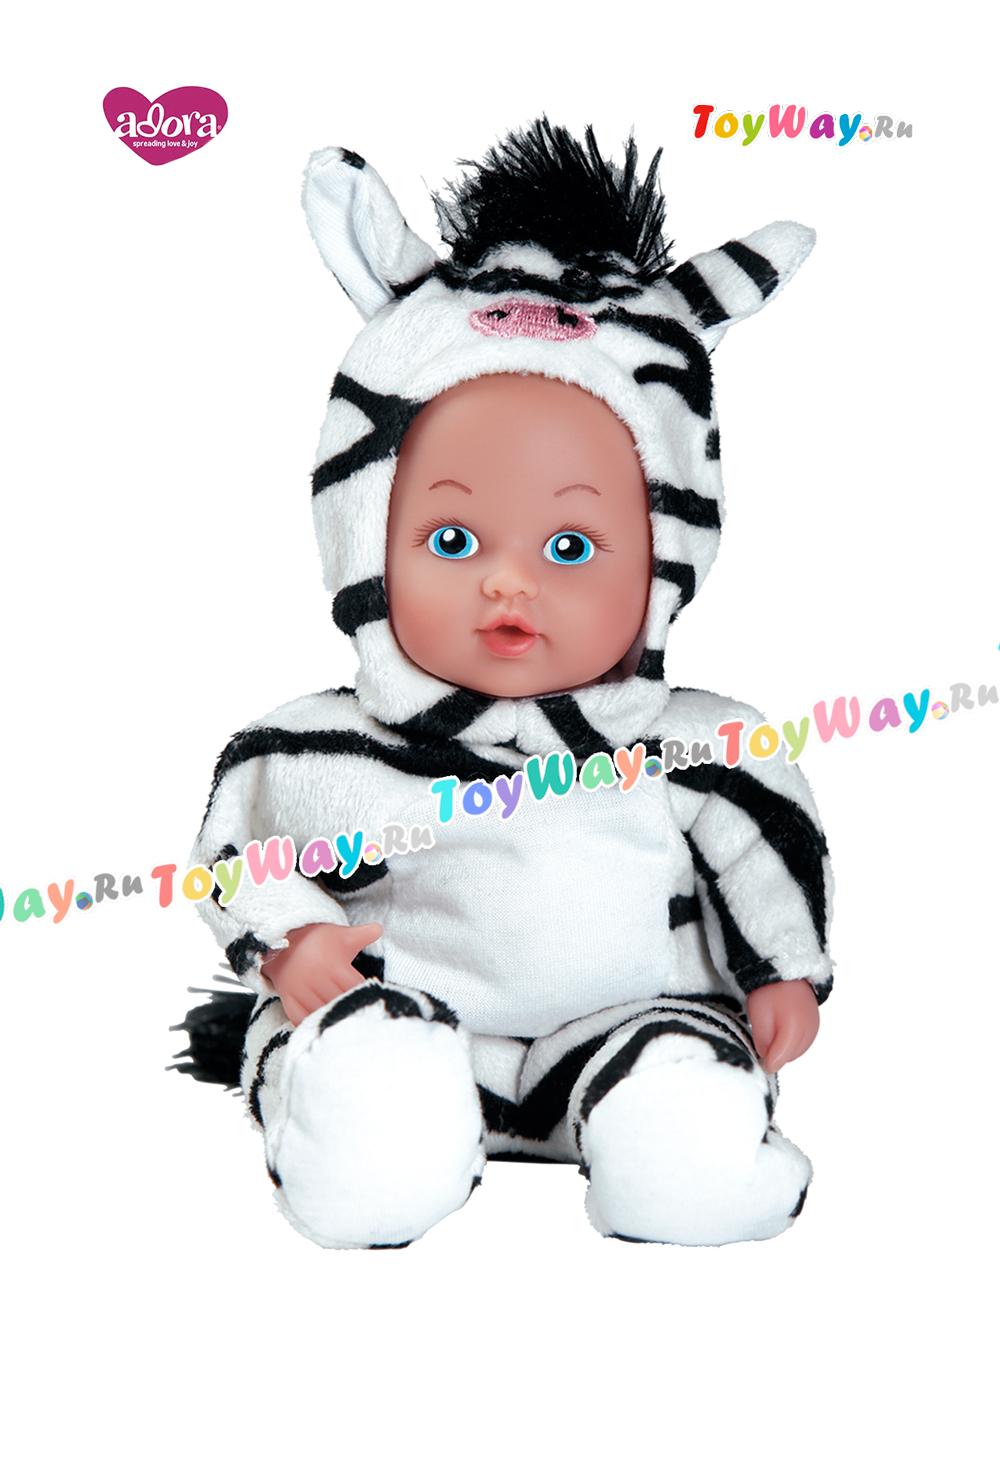 Кукла - Зебра, 20 смКуклы Адора<br>Кукла - Зебра, 20 см<br>